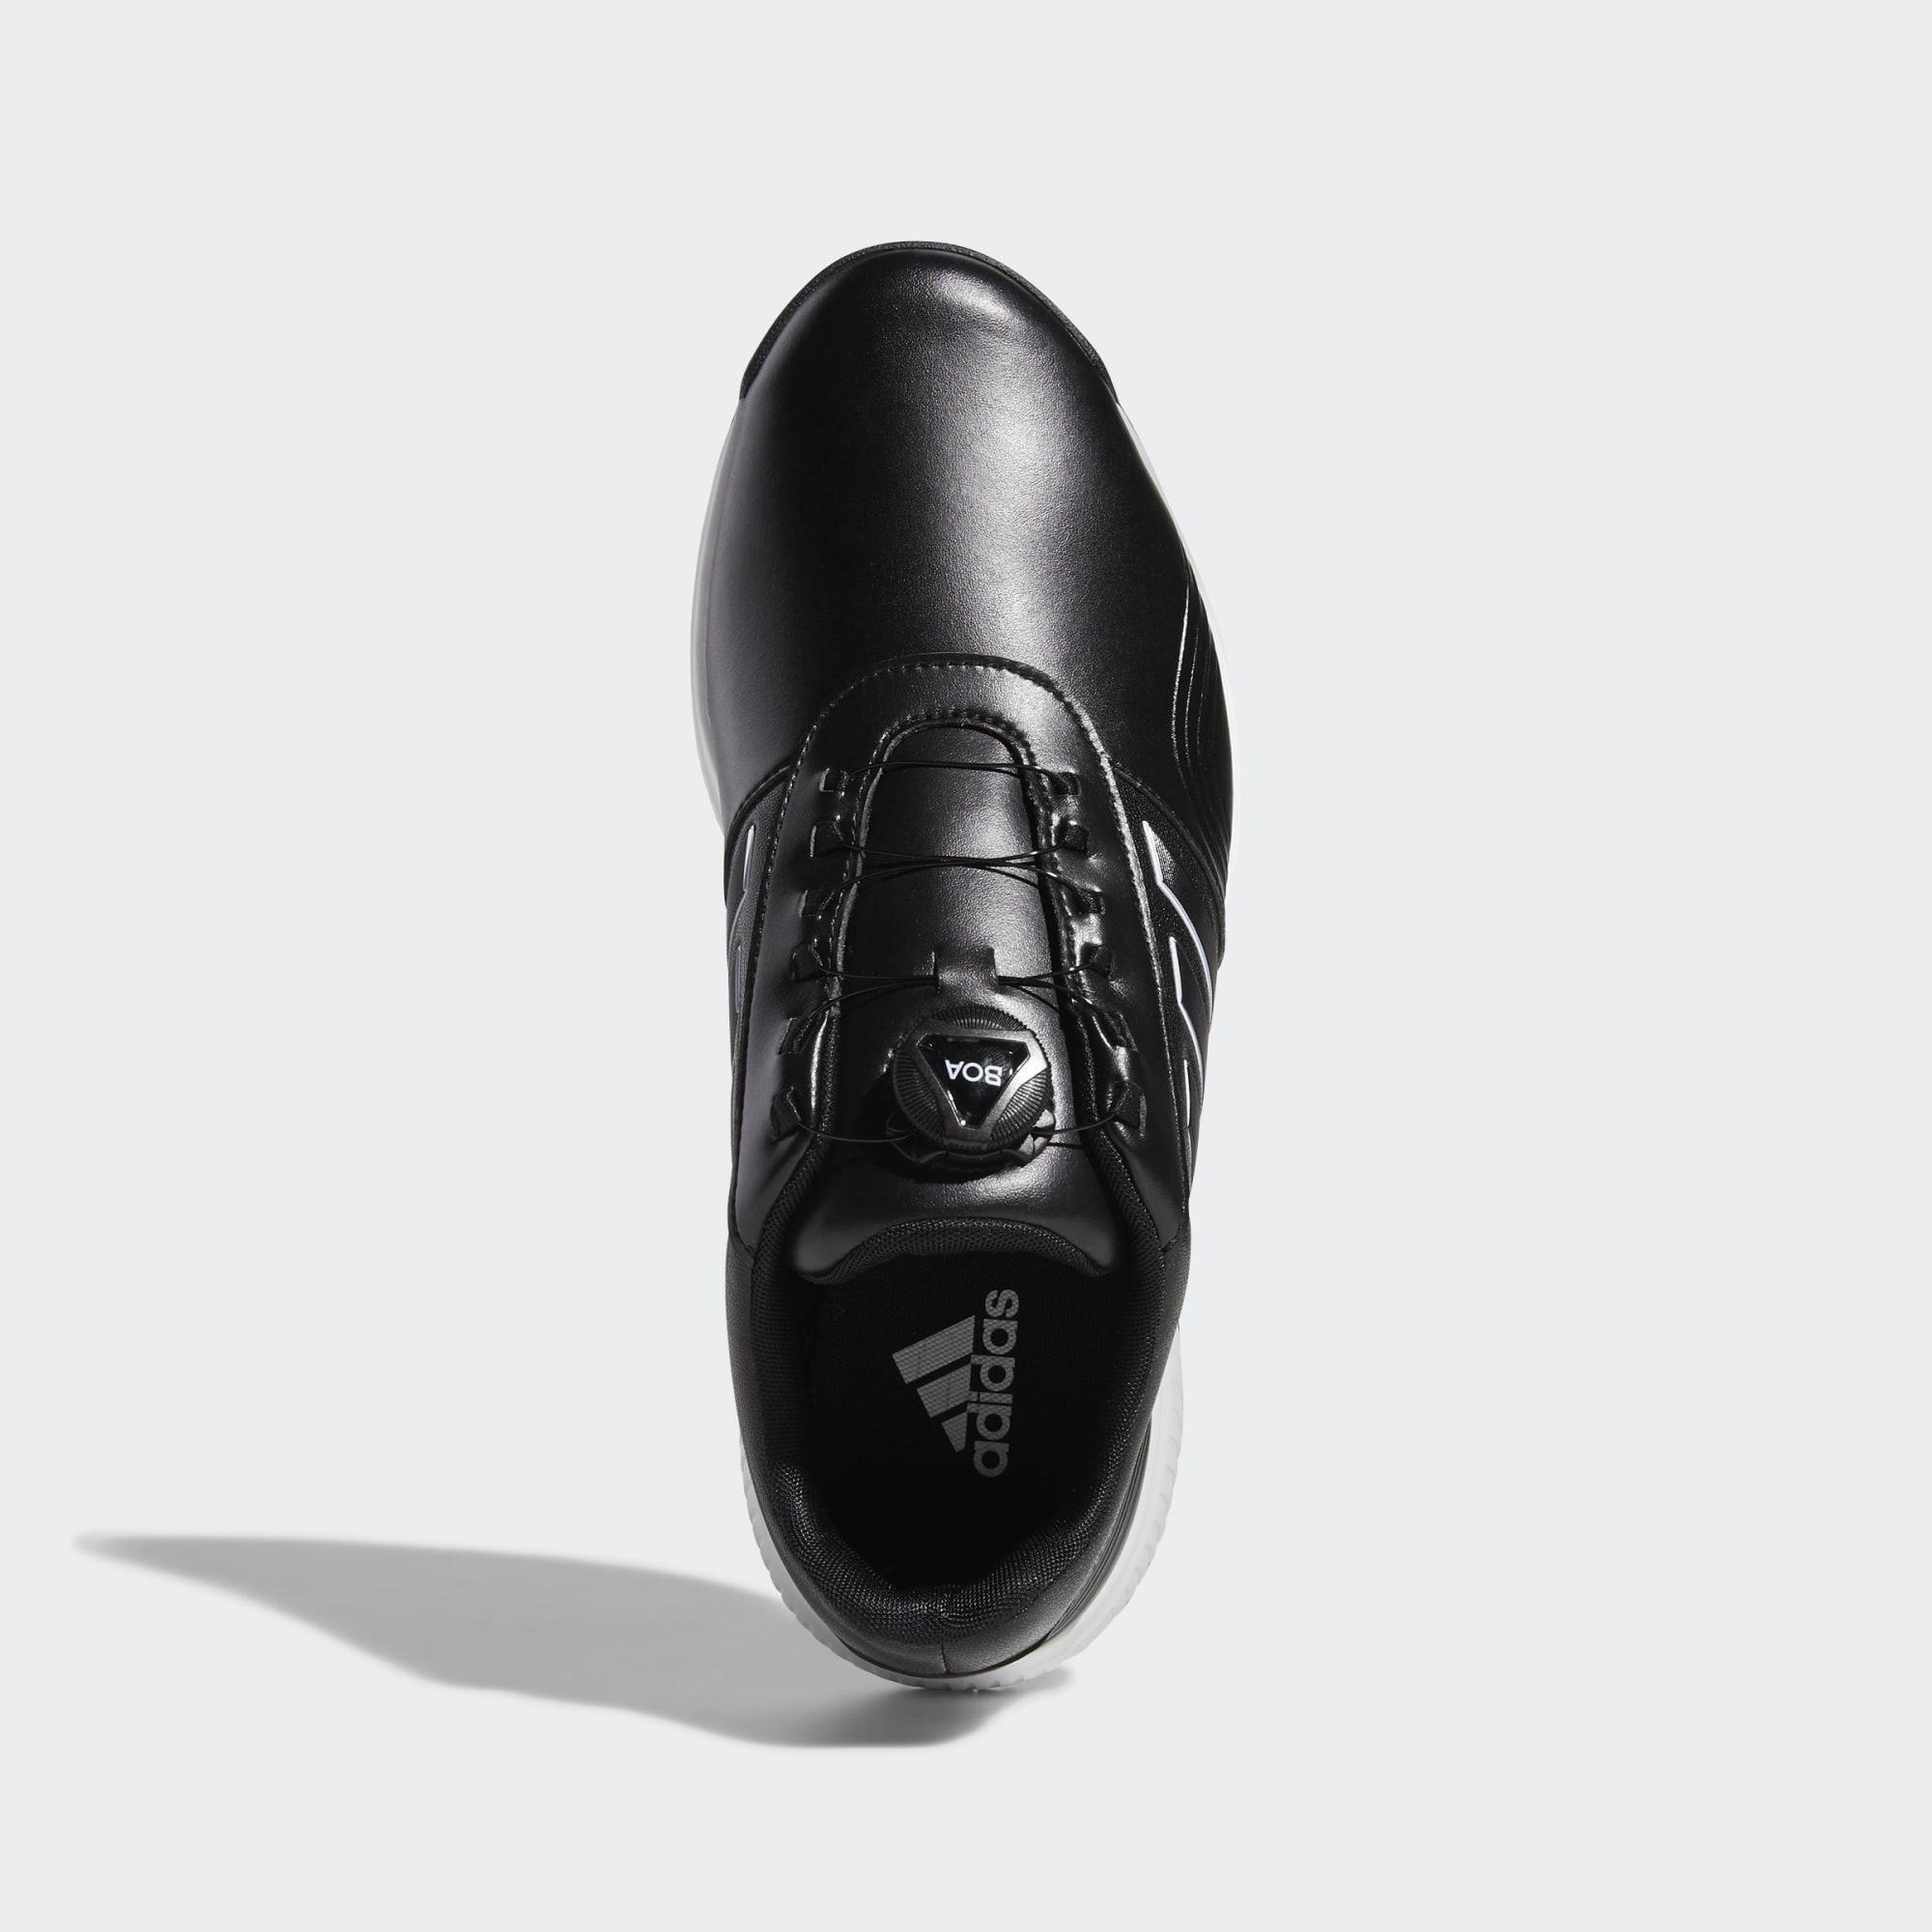 Zapatilla CP Traxion Boa adidas de Tejido sintético de color Negro para hombre